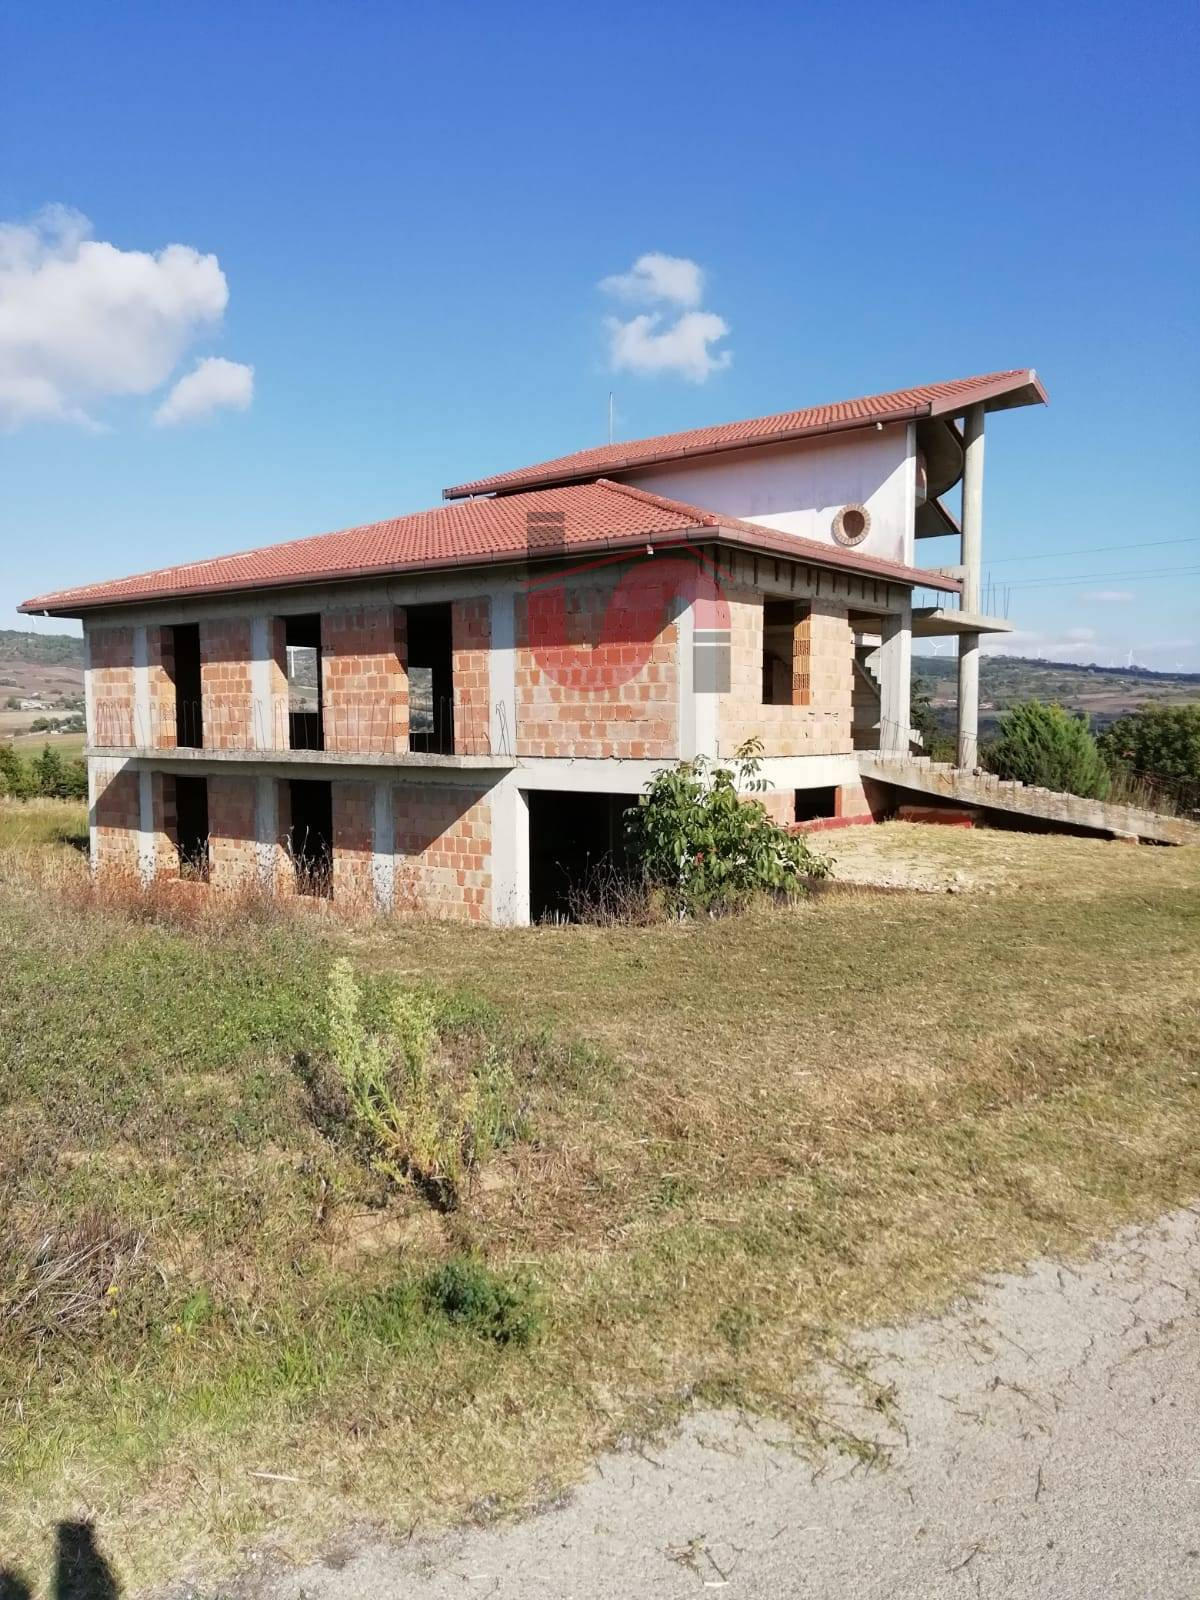 Villa in vendita a San Marco dei Cavoti, 11 locali, prezzo € 92.000 | CambioCasa.it